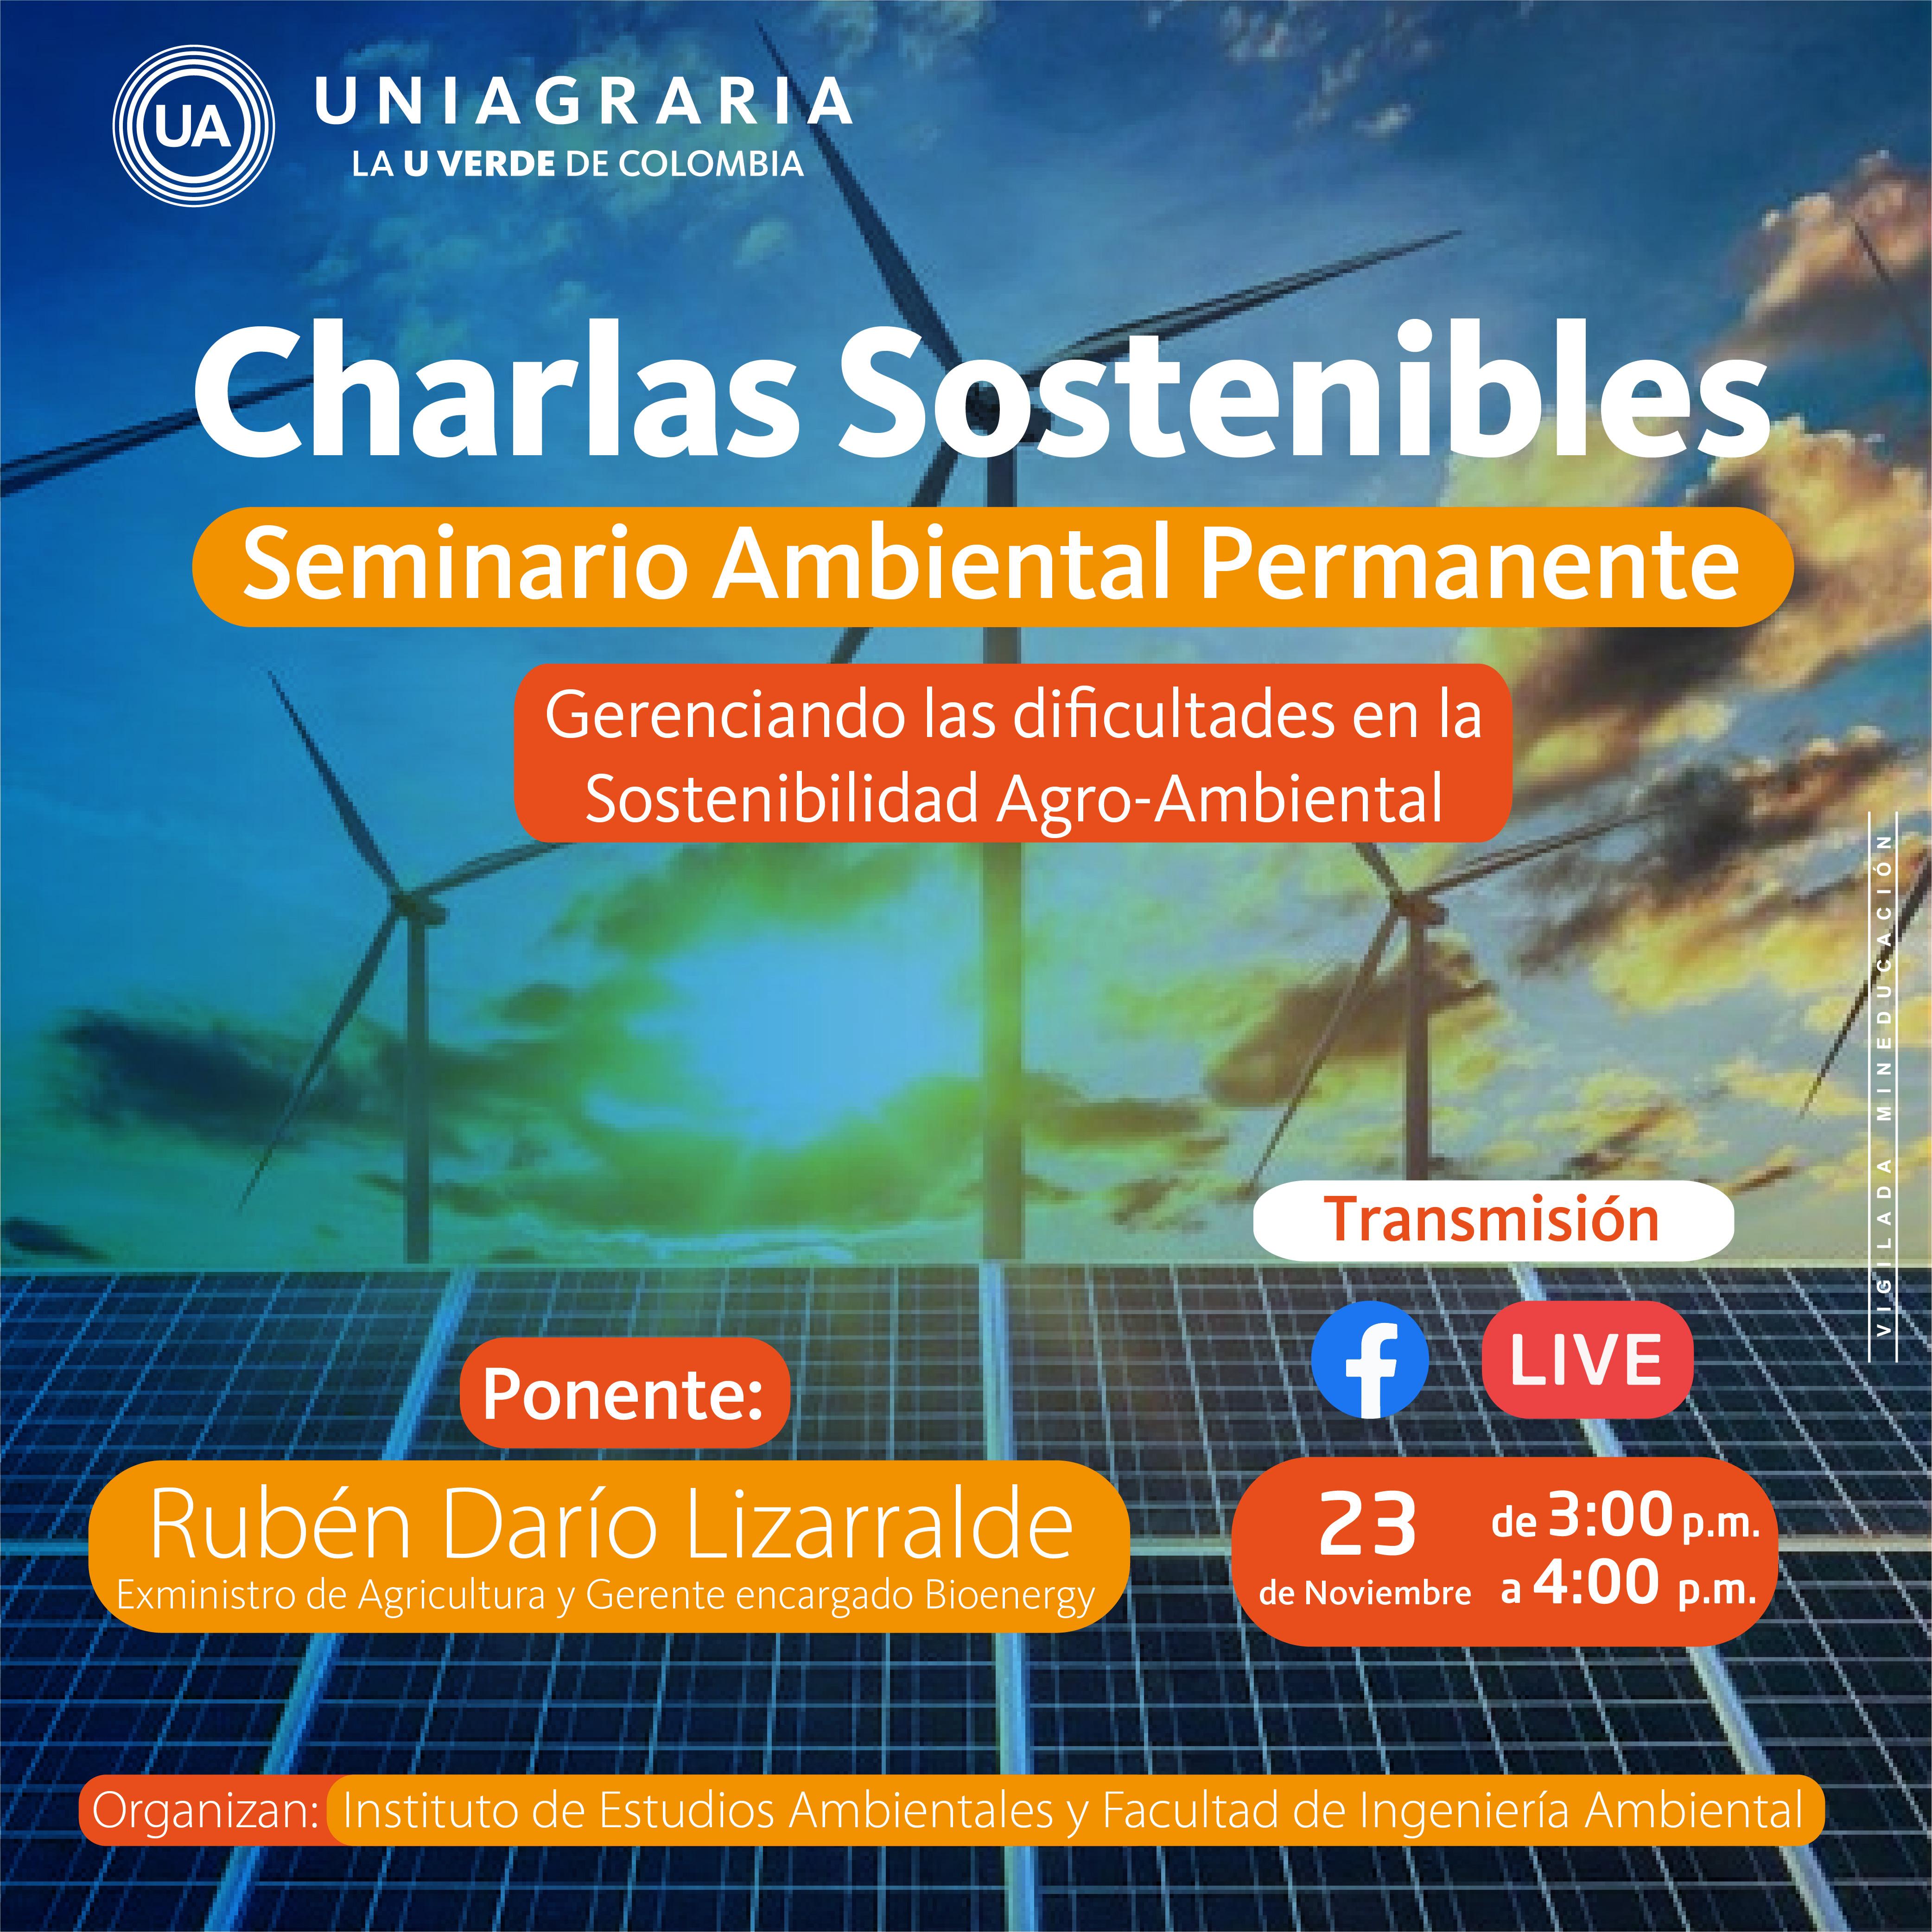 Charlas sostenibles: Seminario Ambiental Permanente